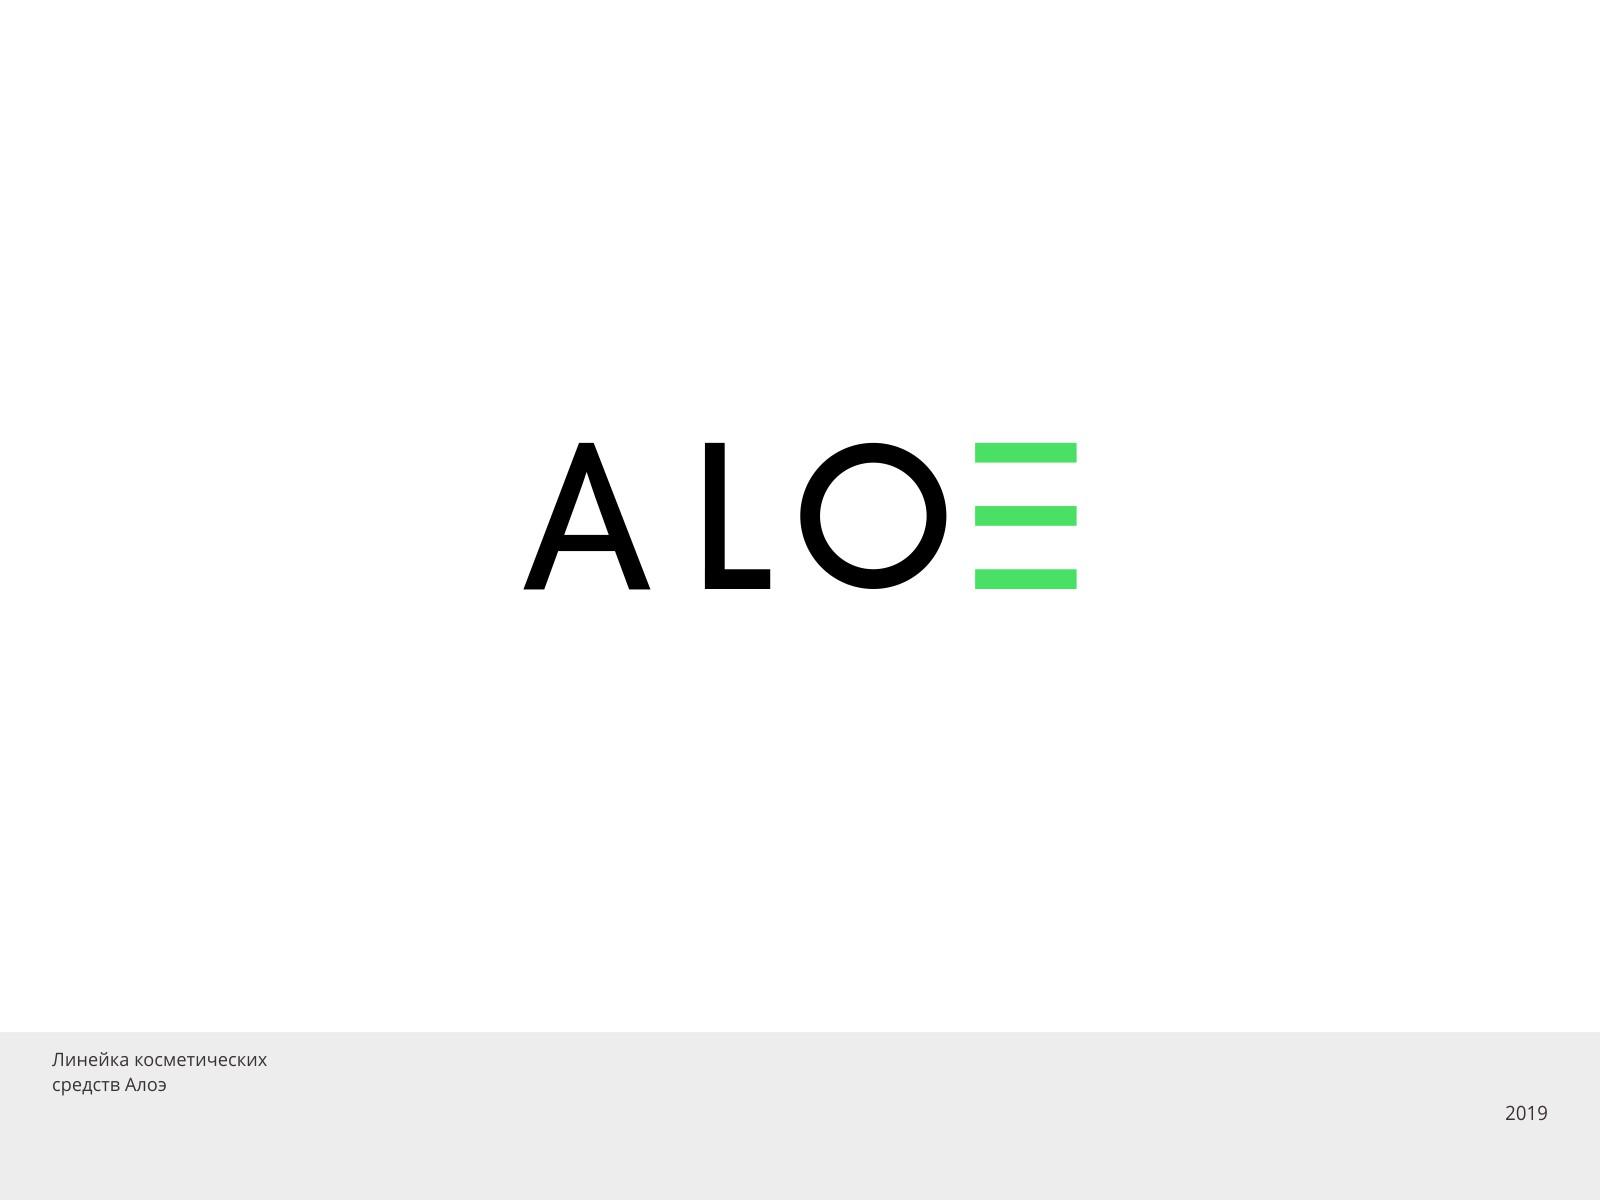 Логотип алоэ